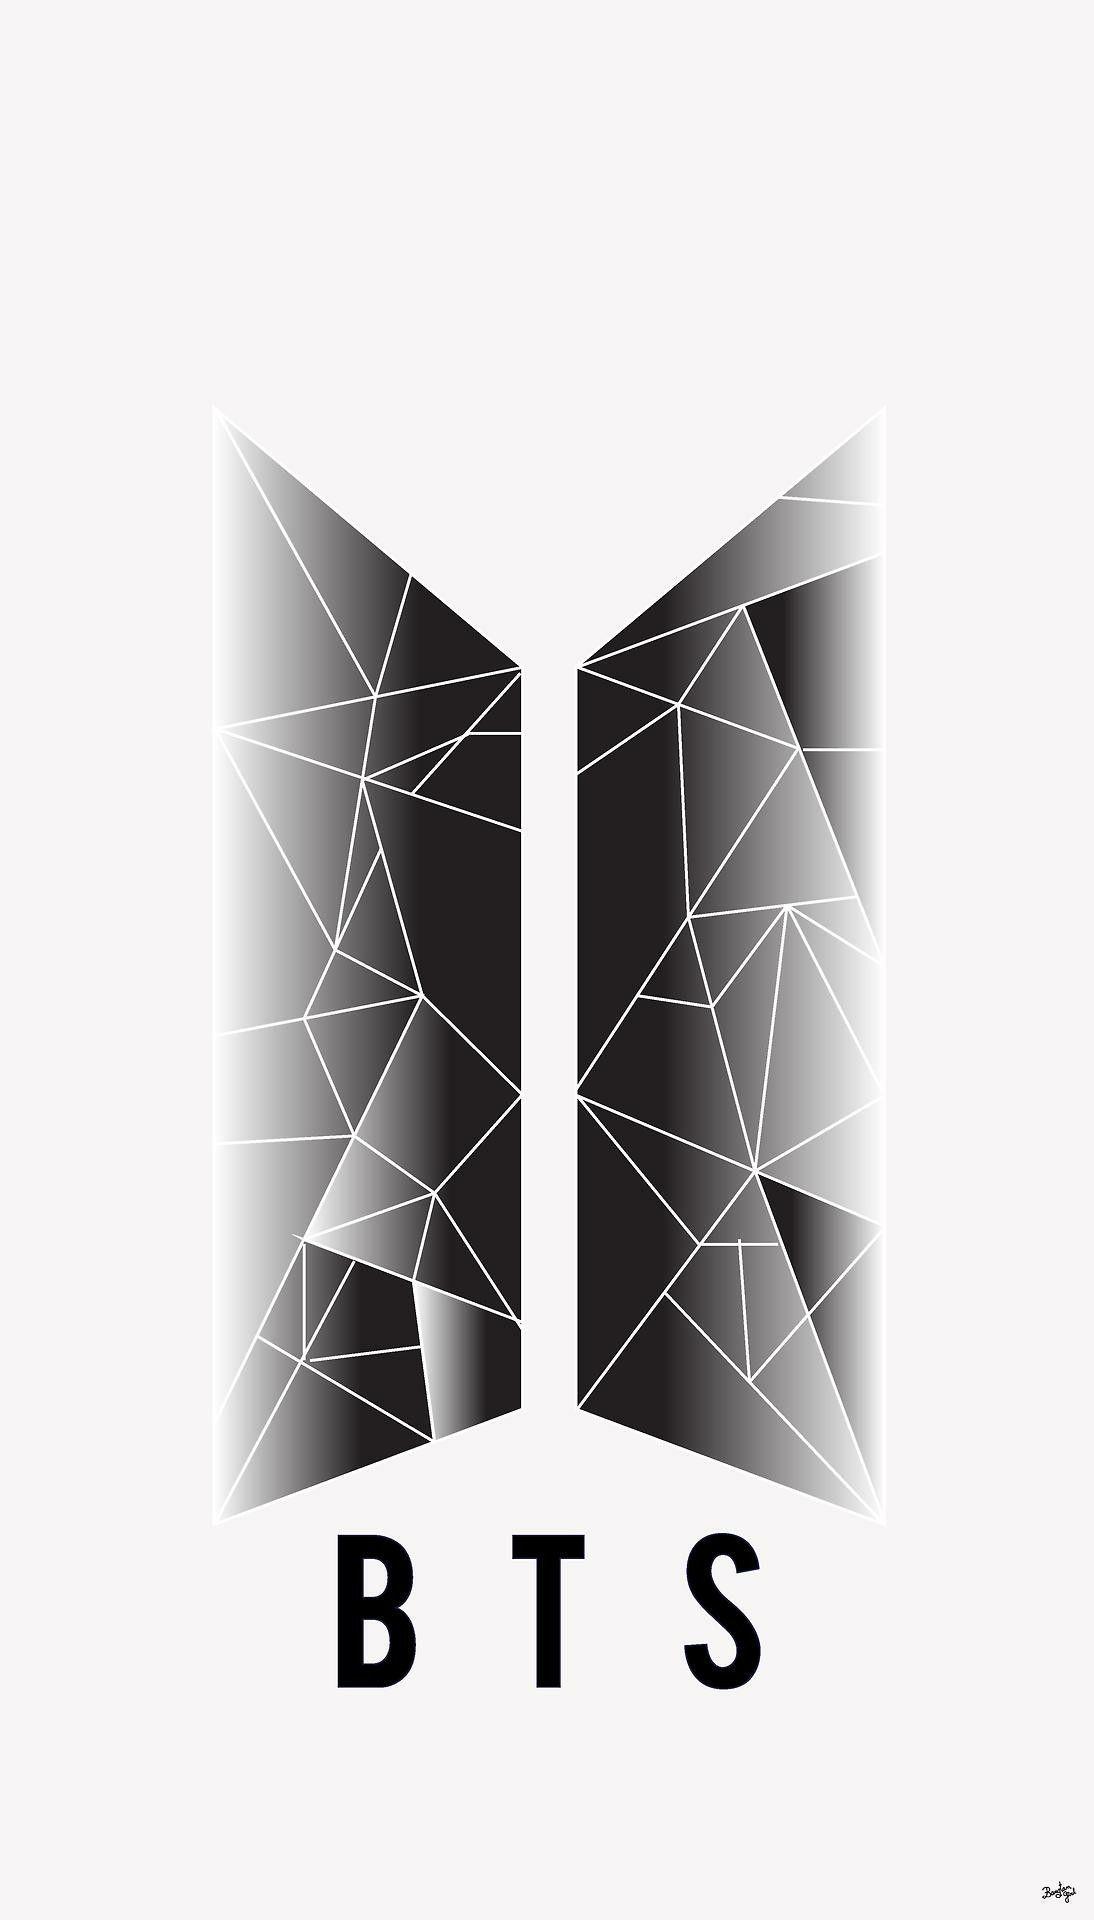 Ảnh BTS logo của nhóm nhạc